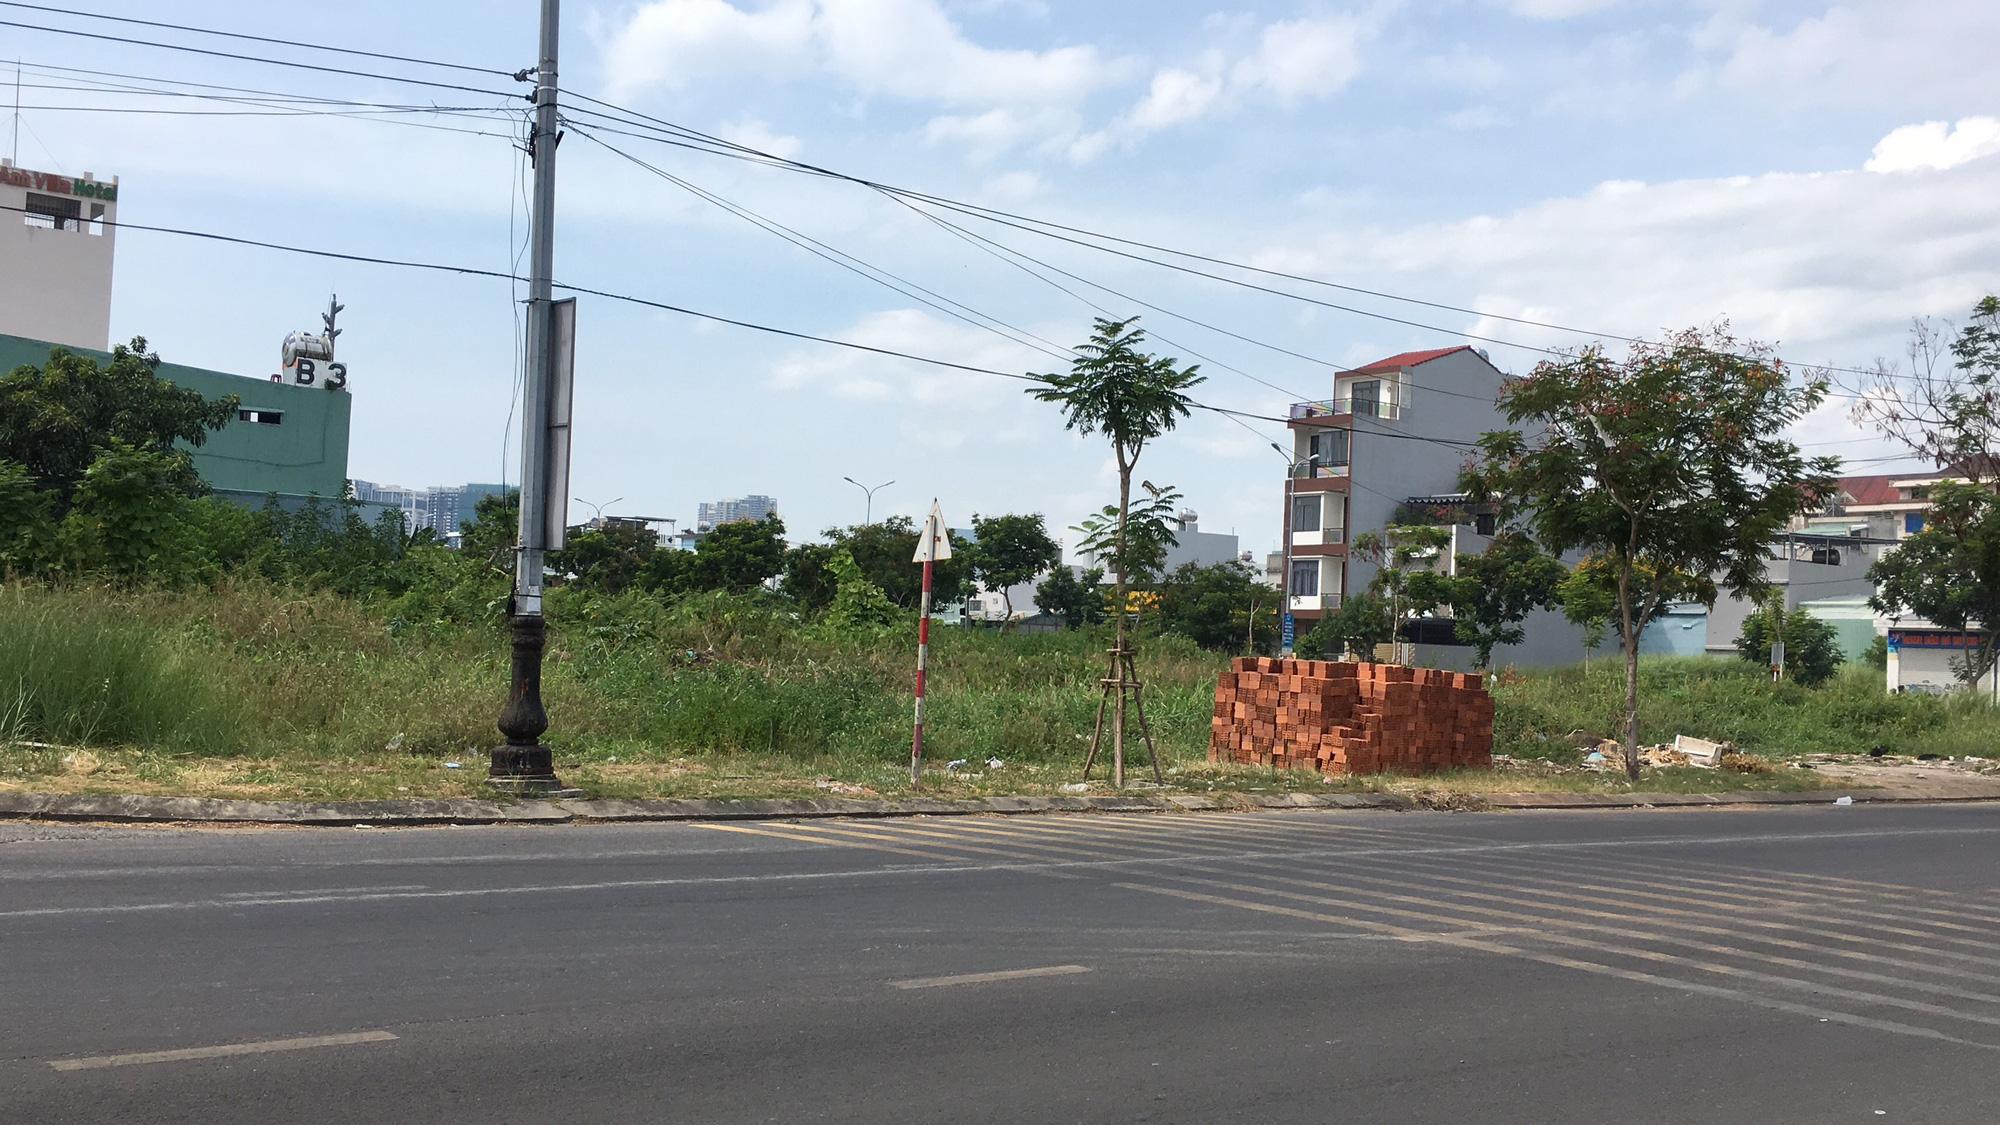 Ba khu đất sát sông Hàn, khu công nghiệp Thủy sản Đà Nẵng kêu gọi đầu tư - Ảnh 10.